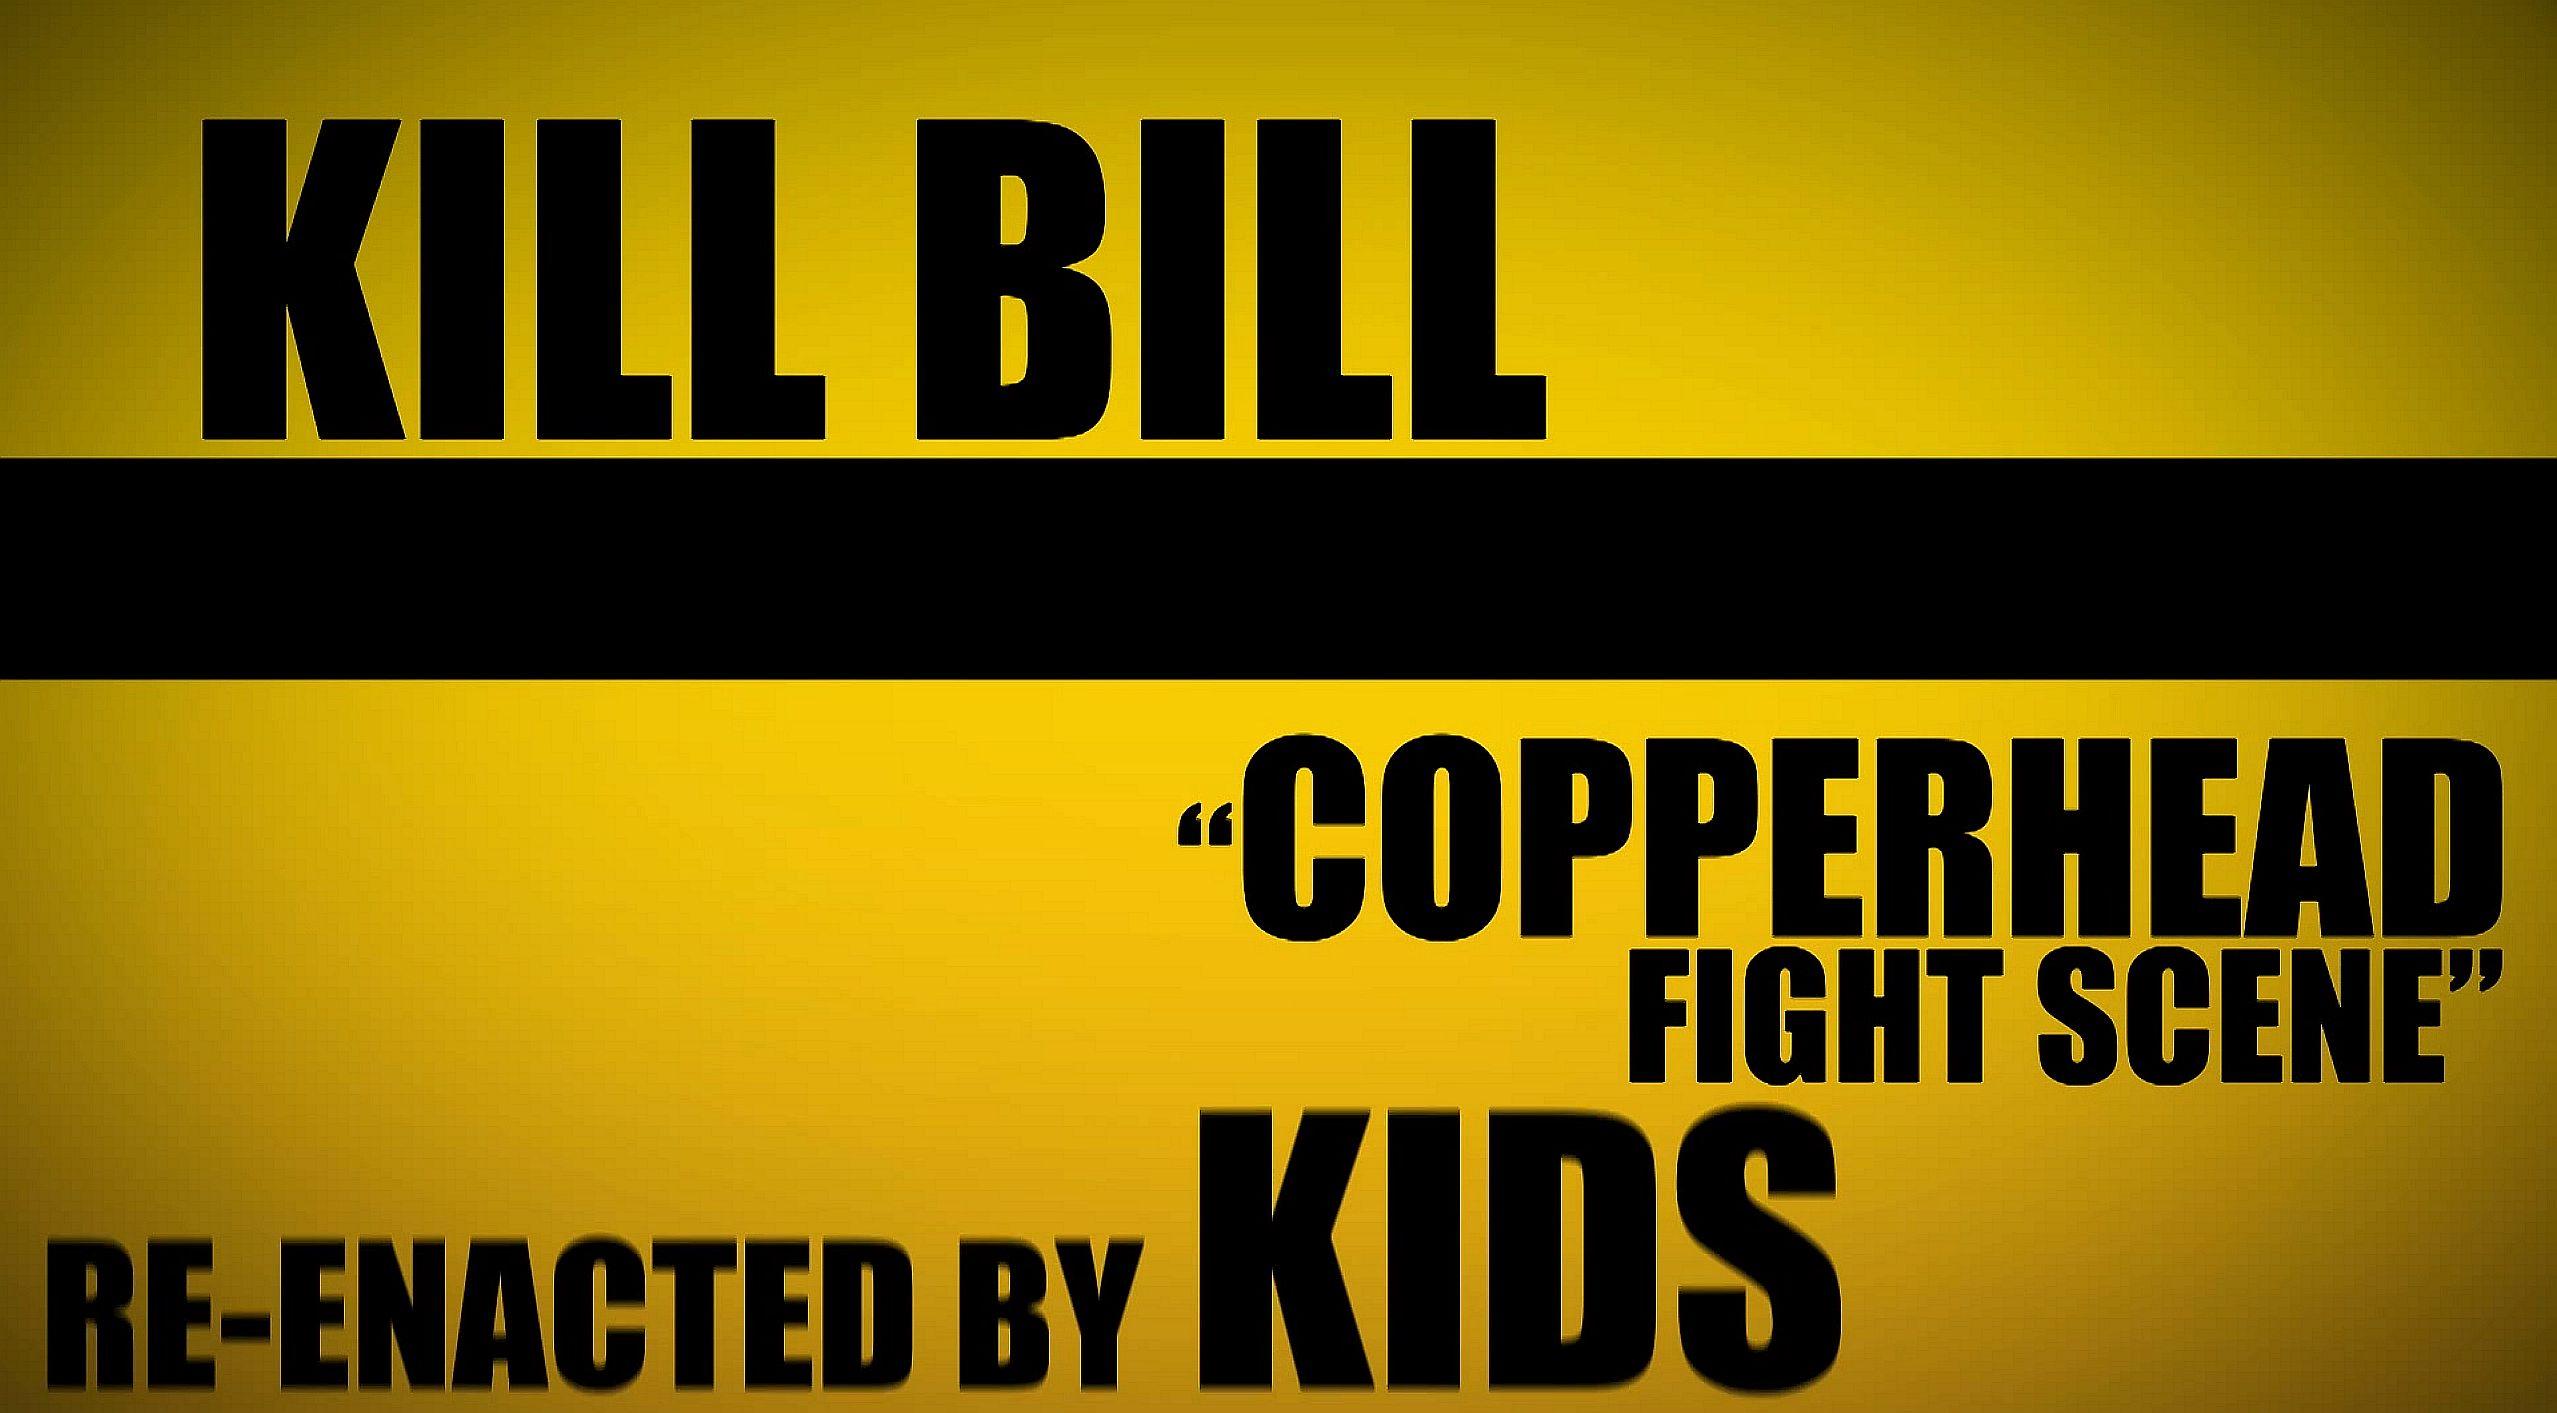 KILL BILL (Re Enacted by Kids) Copperhead Fight Scene